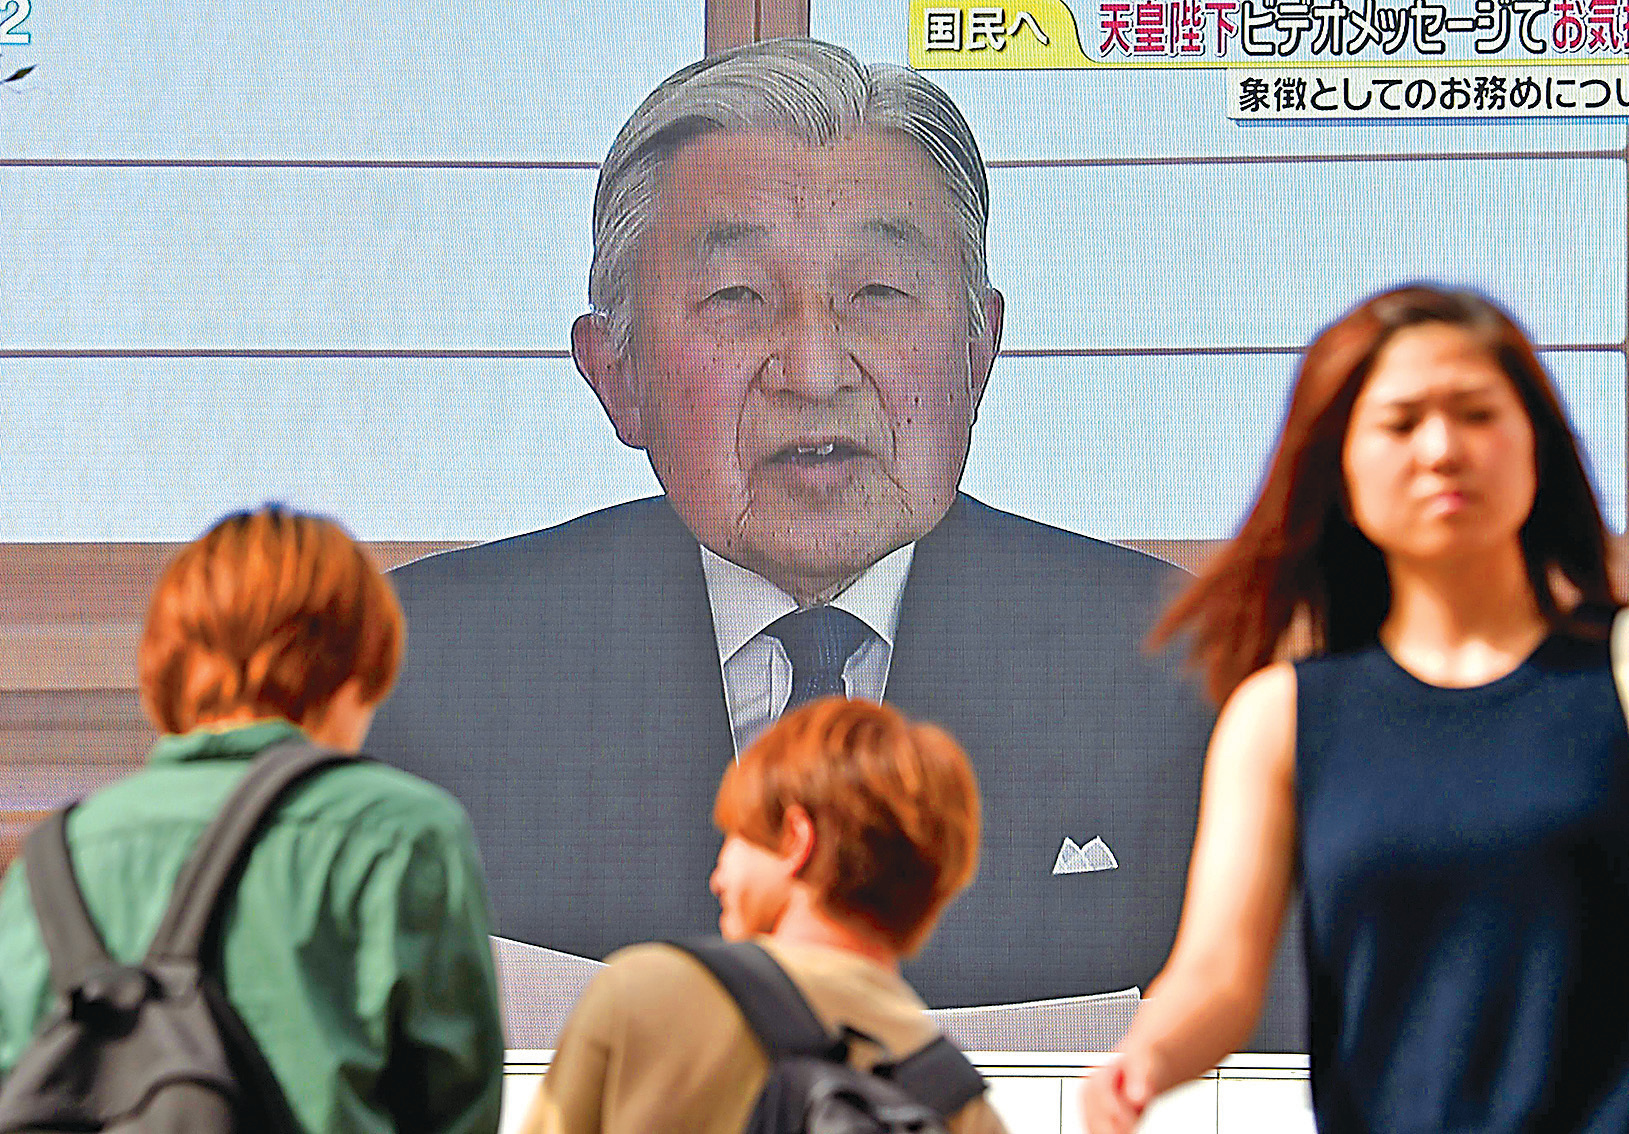 日皇明仁昨日透過錄像發表演說,表達自己退位意願。(Getty Images)